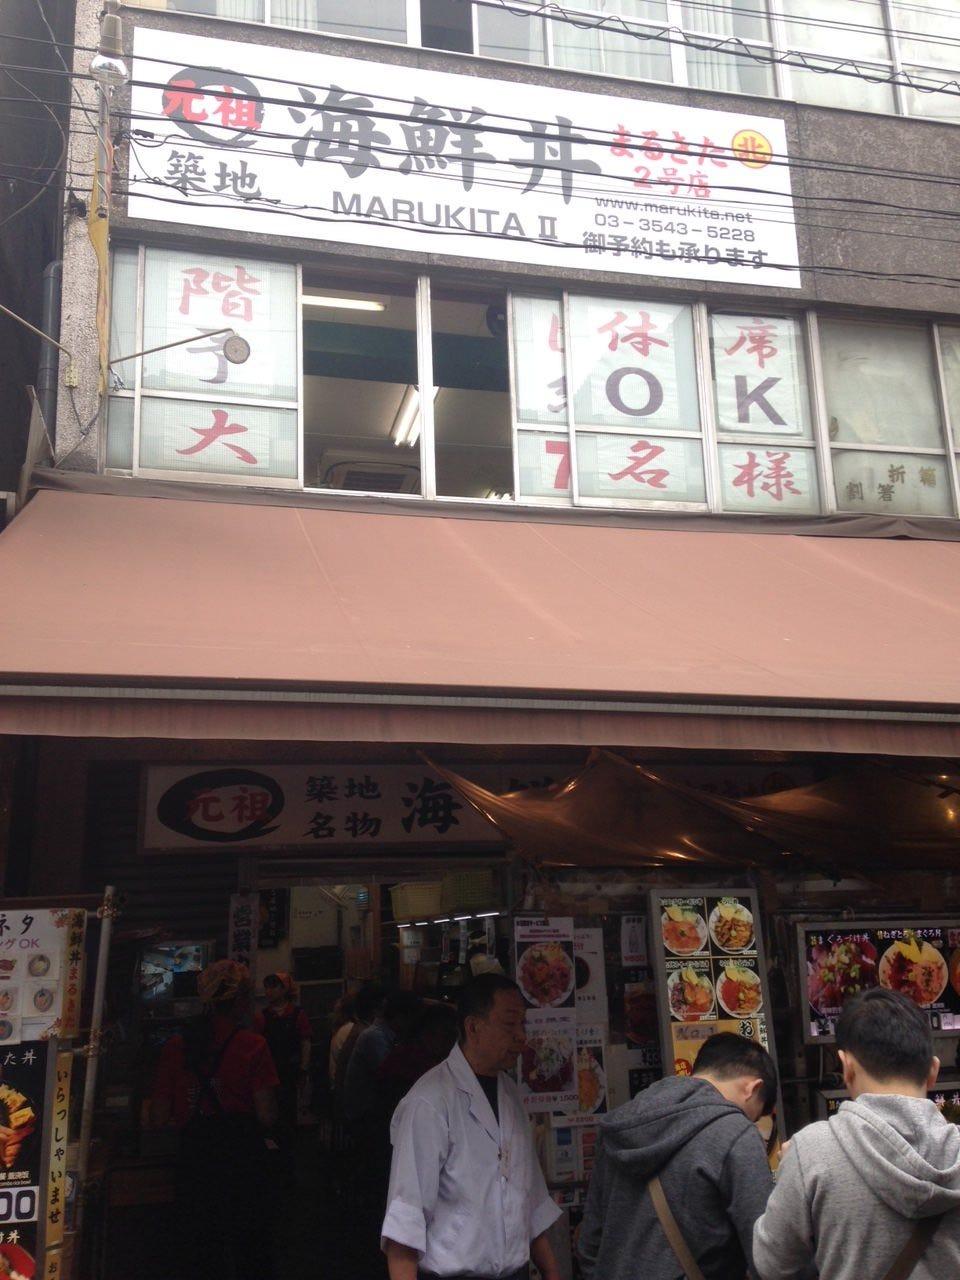 筑地 海鲜丼まるきた 2号店